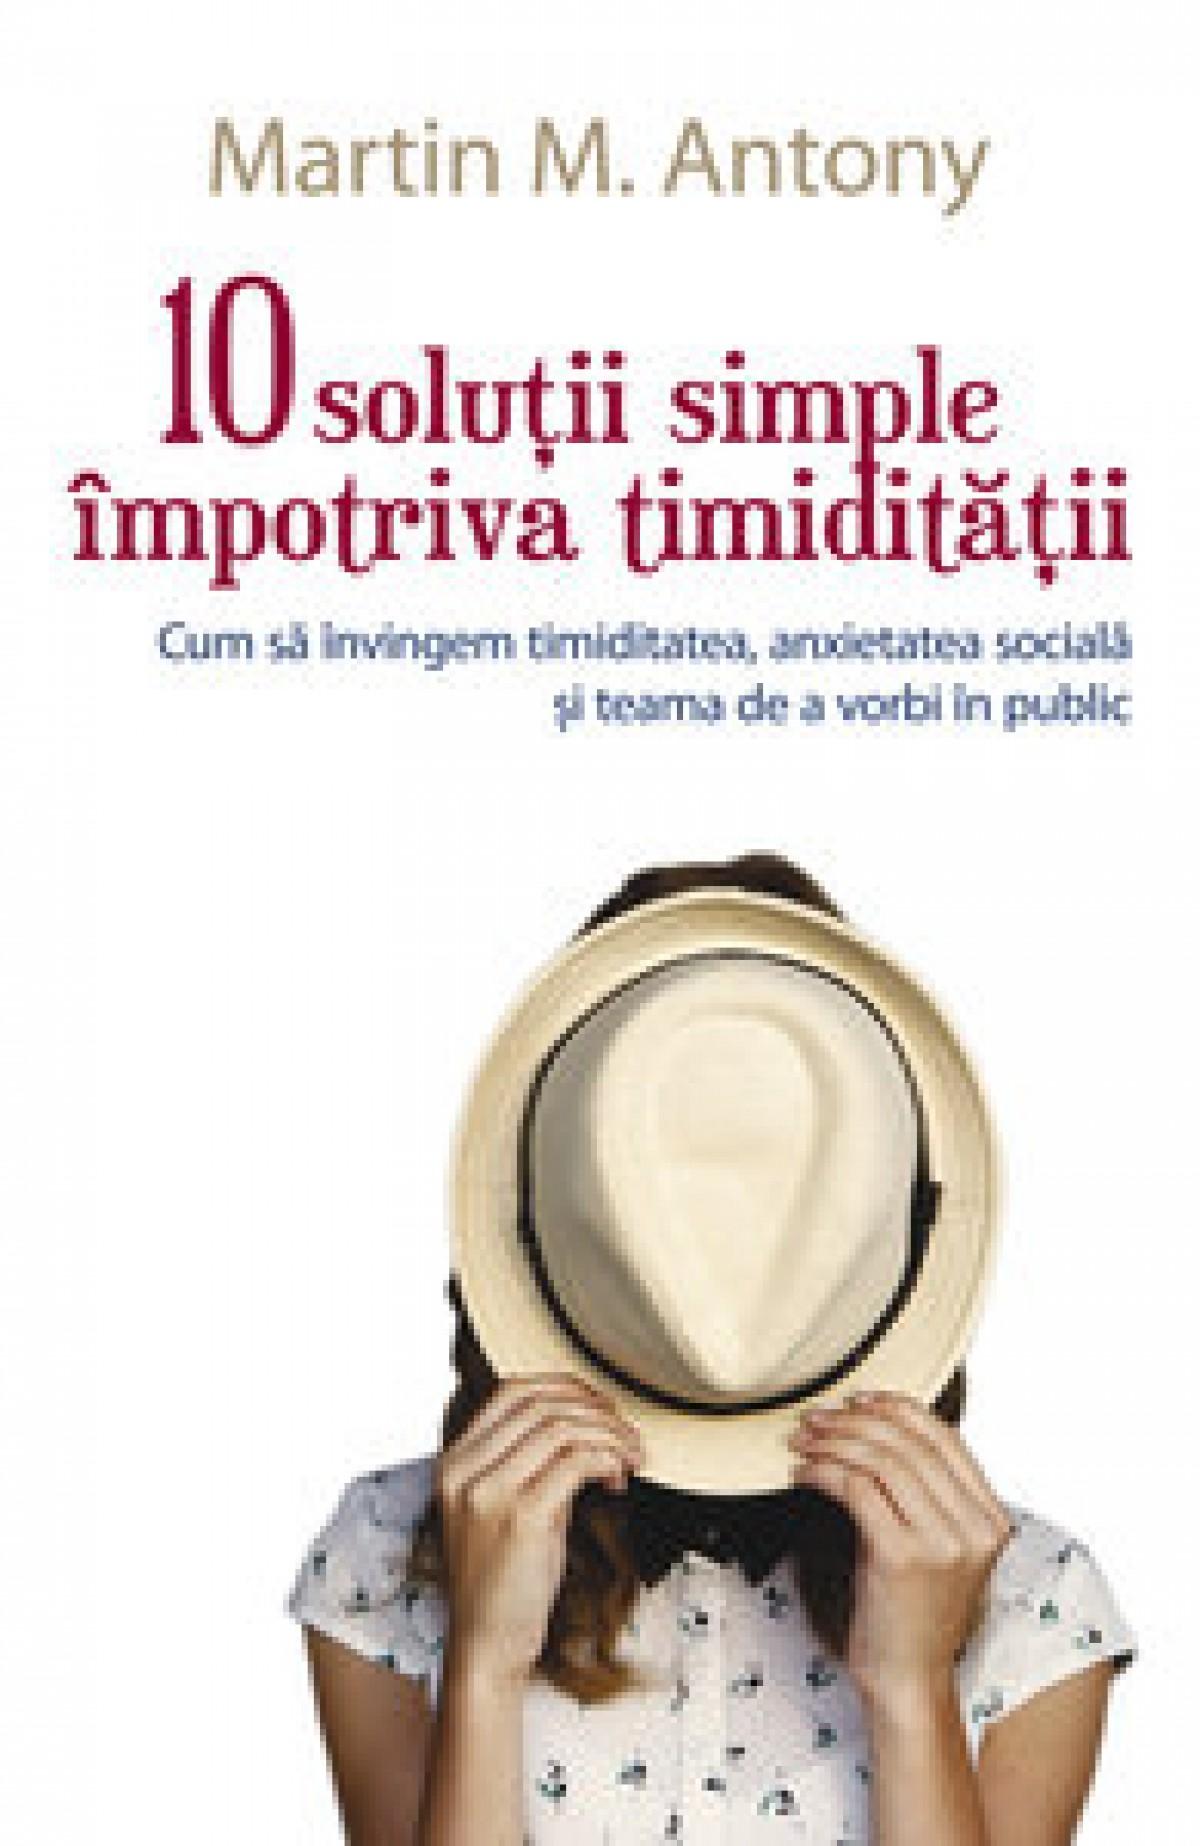 10 soluții simple împotriva timidității